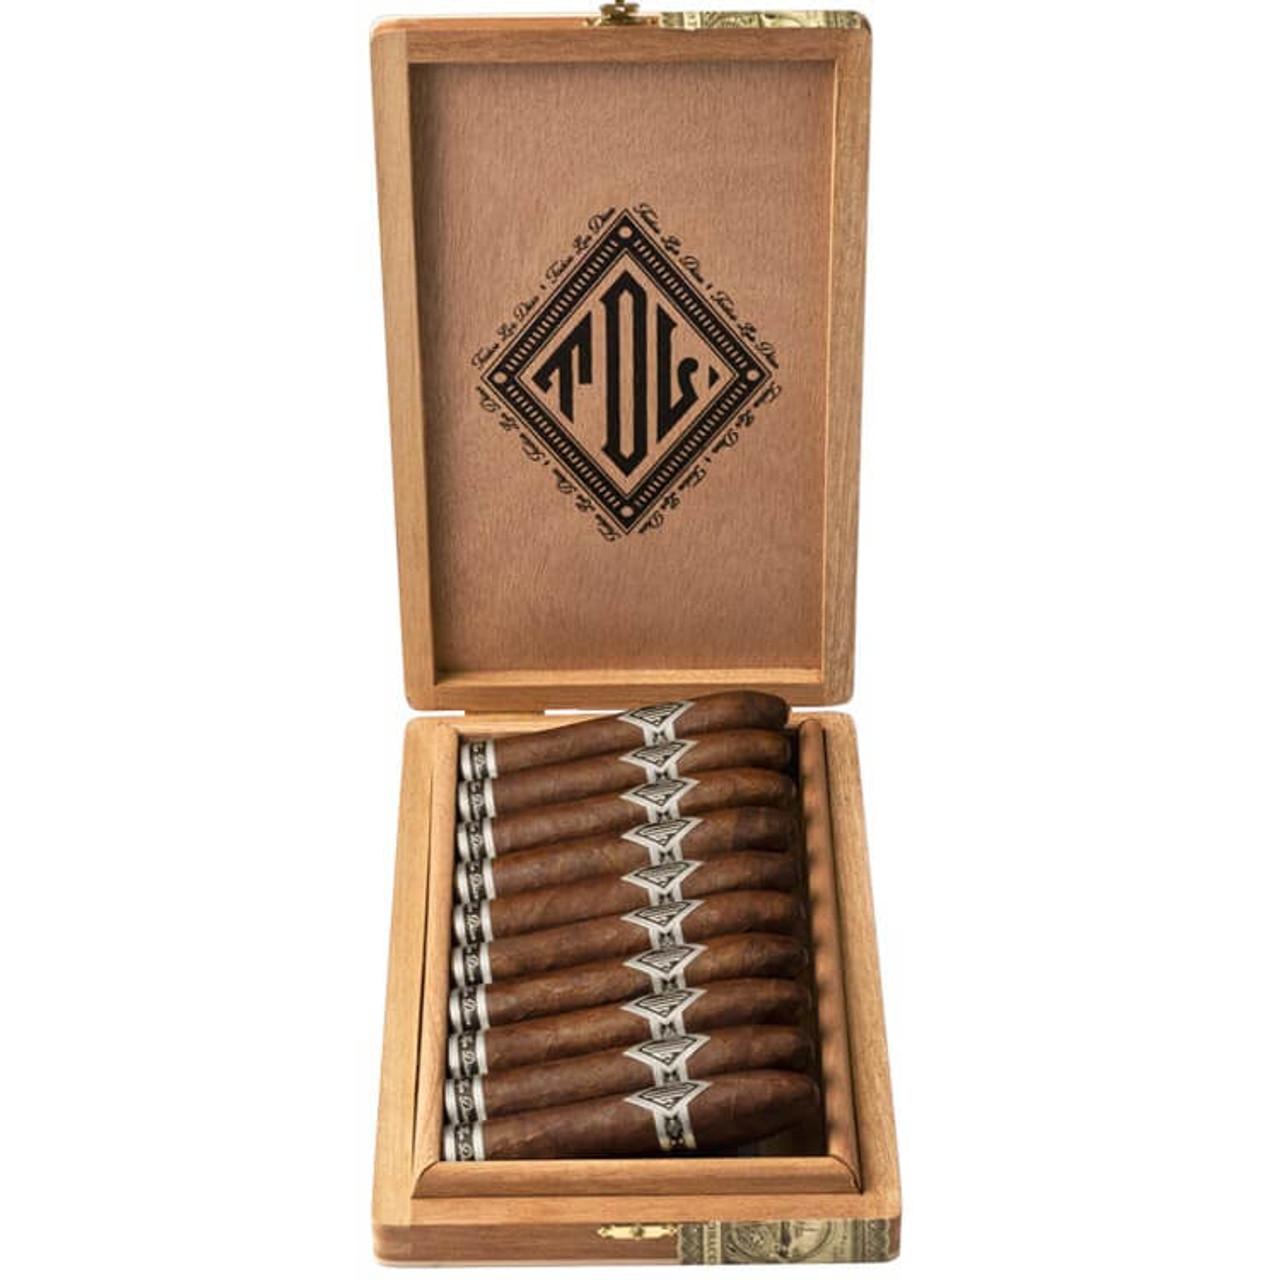 Todos Las Dias Double Wide Belicoso Cigars - 4.75 x 60 (Box of 10)